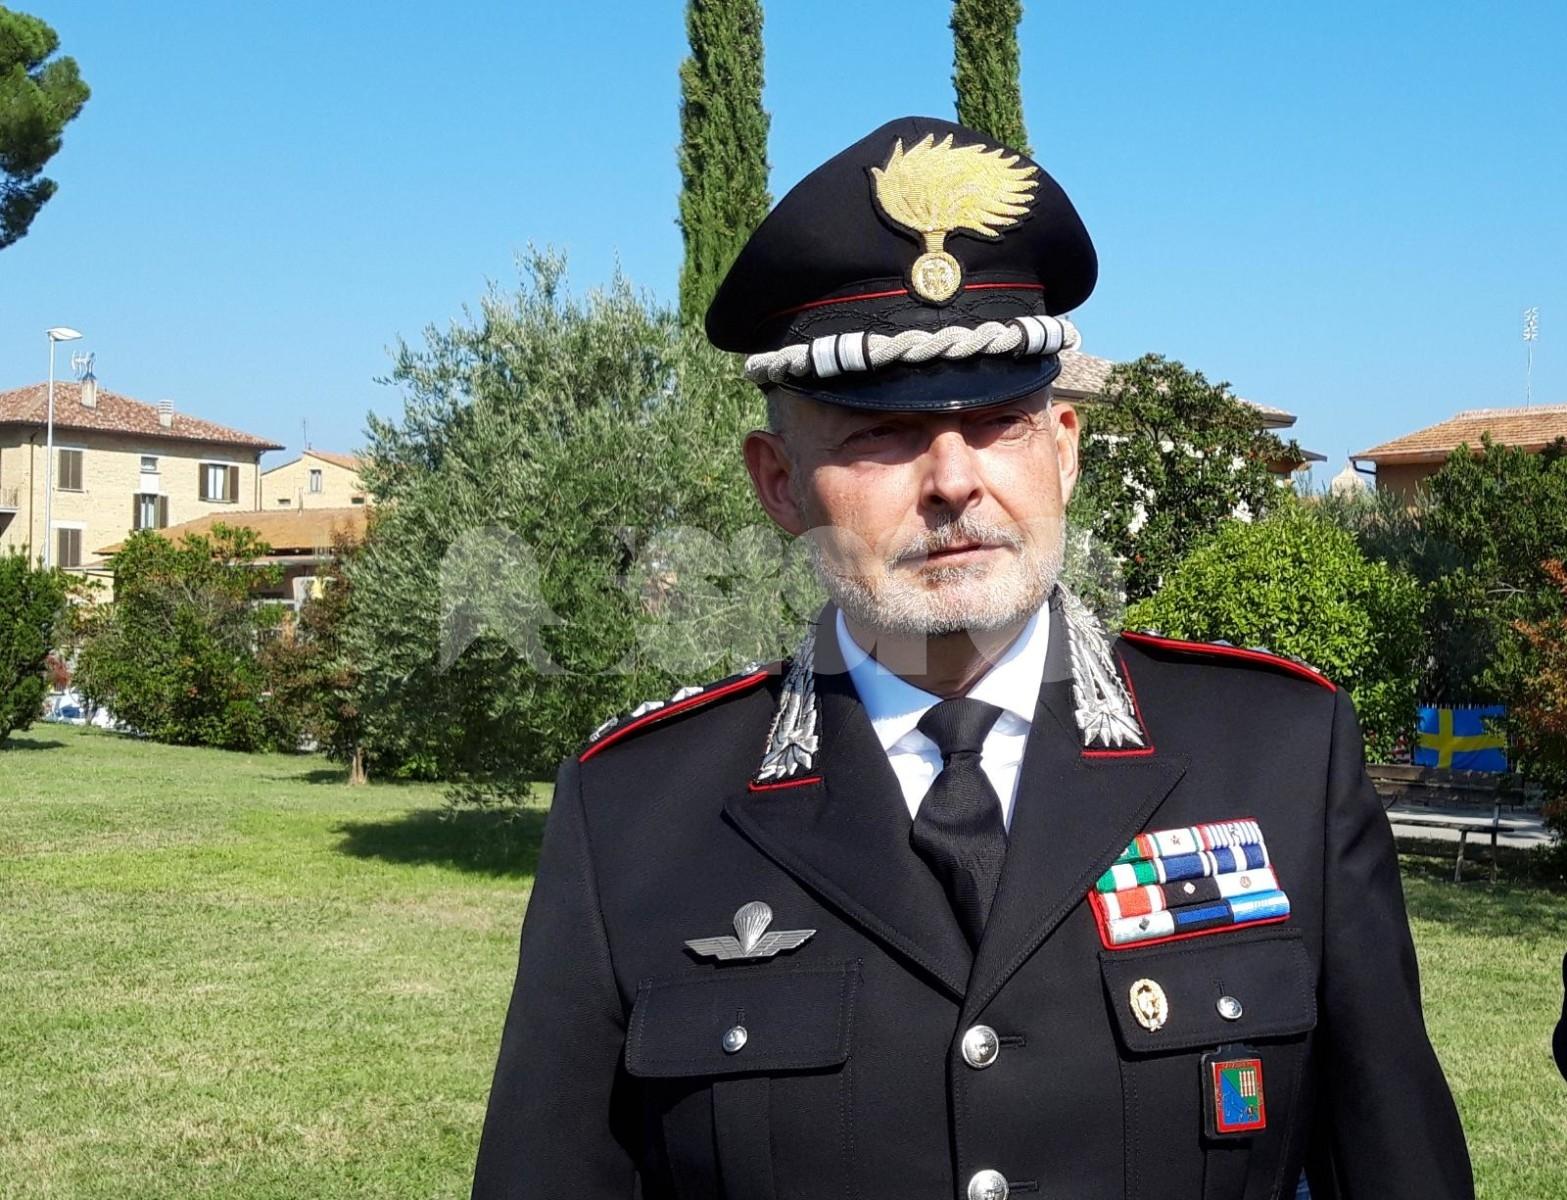 Omicidio di Filippo Limini, rintracciato un 20enne spoletino che ha 'assaltato' l'auto